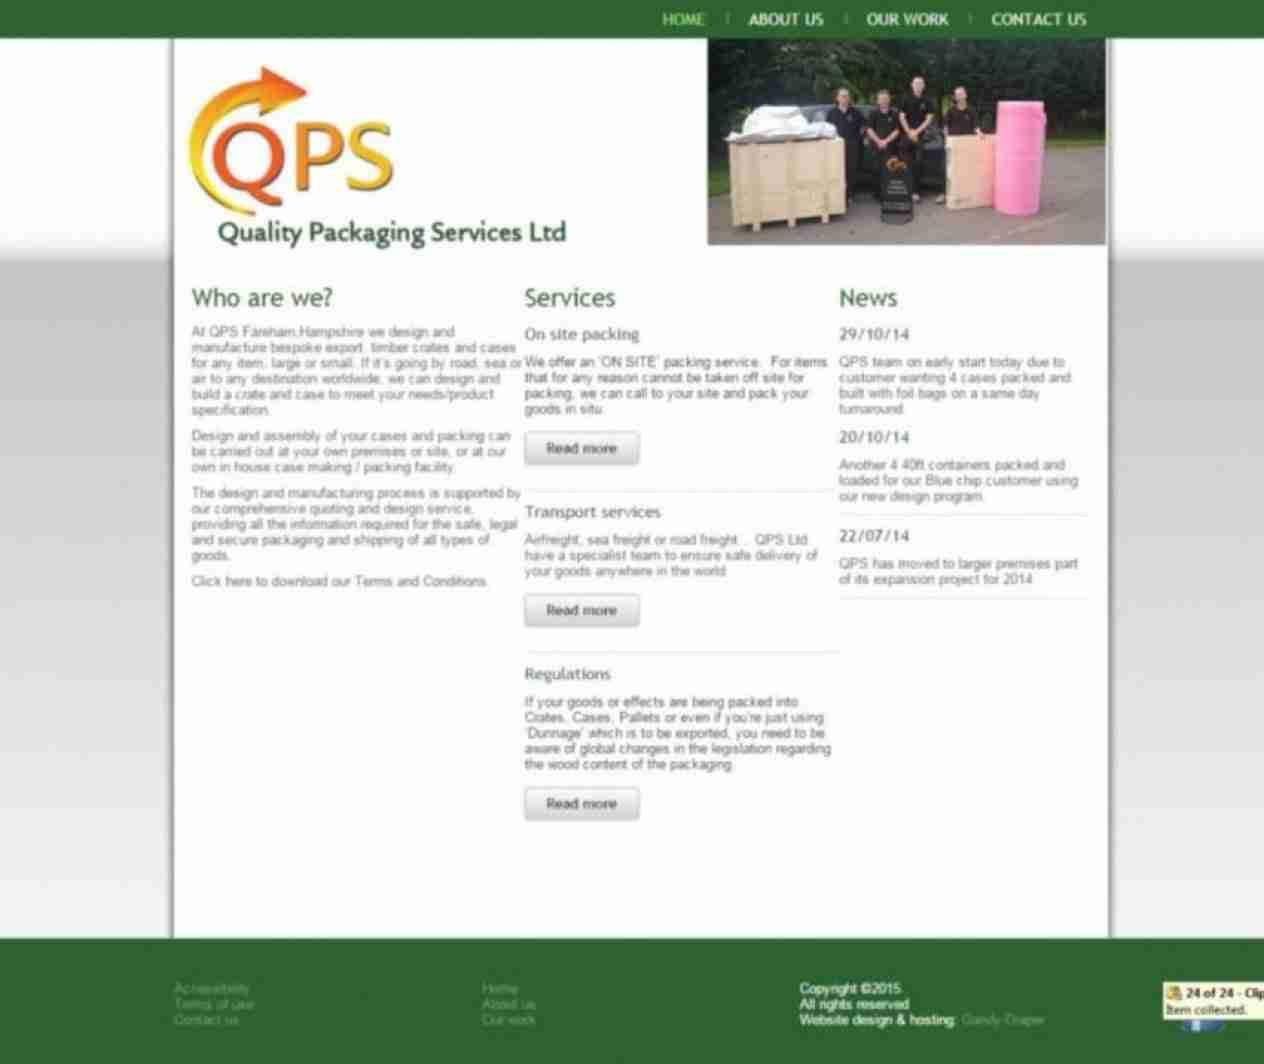 QPS-850x689-1264x1064